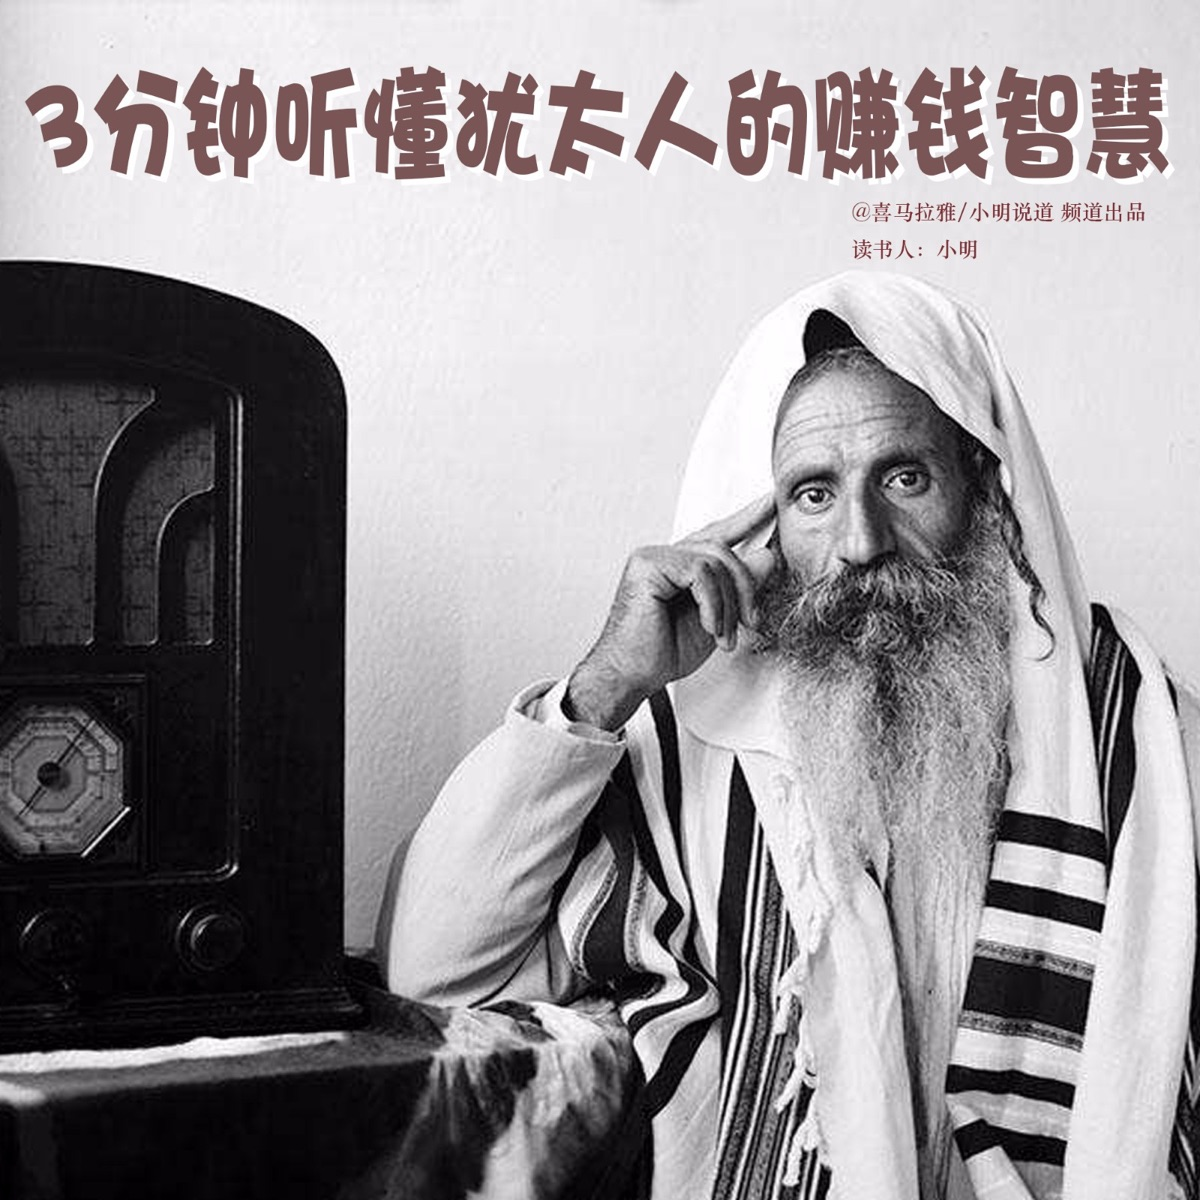 【3分钟】听懂犹太人的赚钱智慧